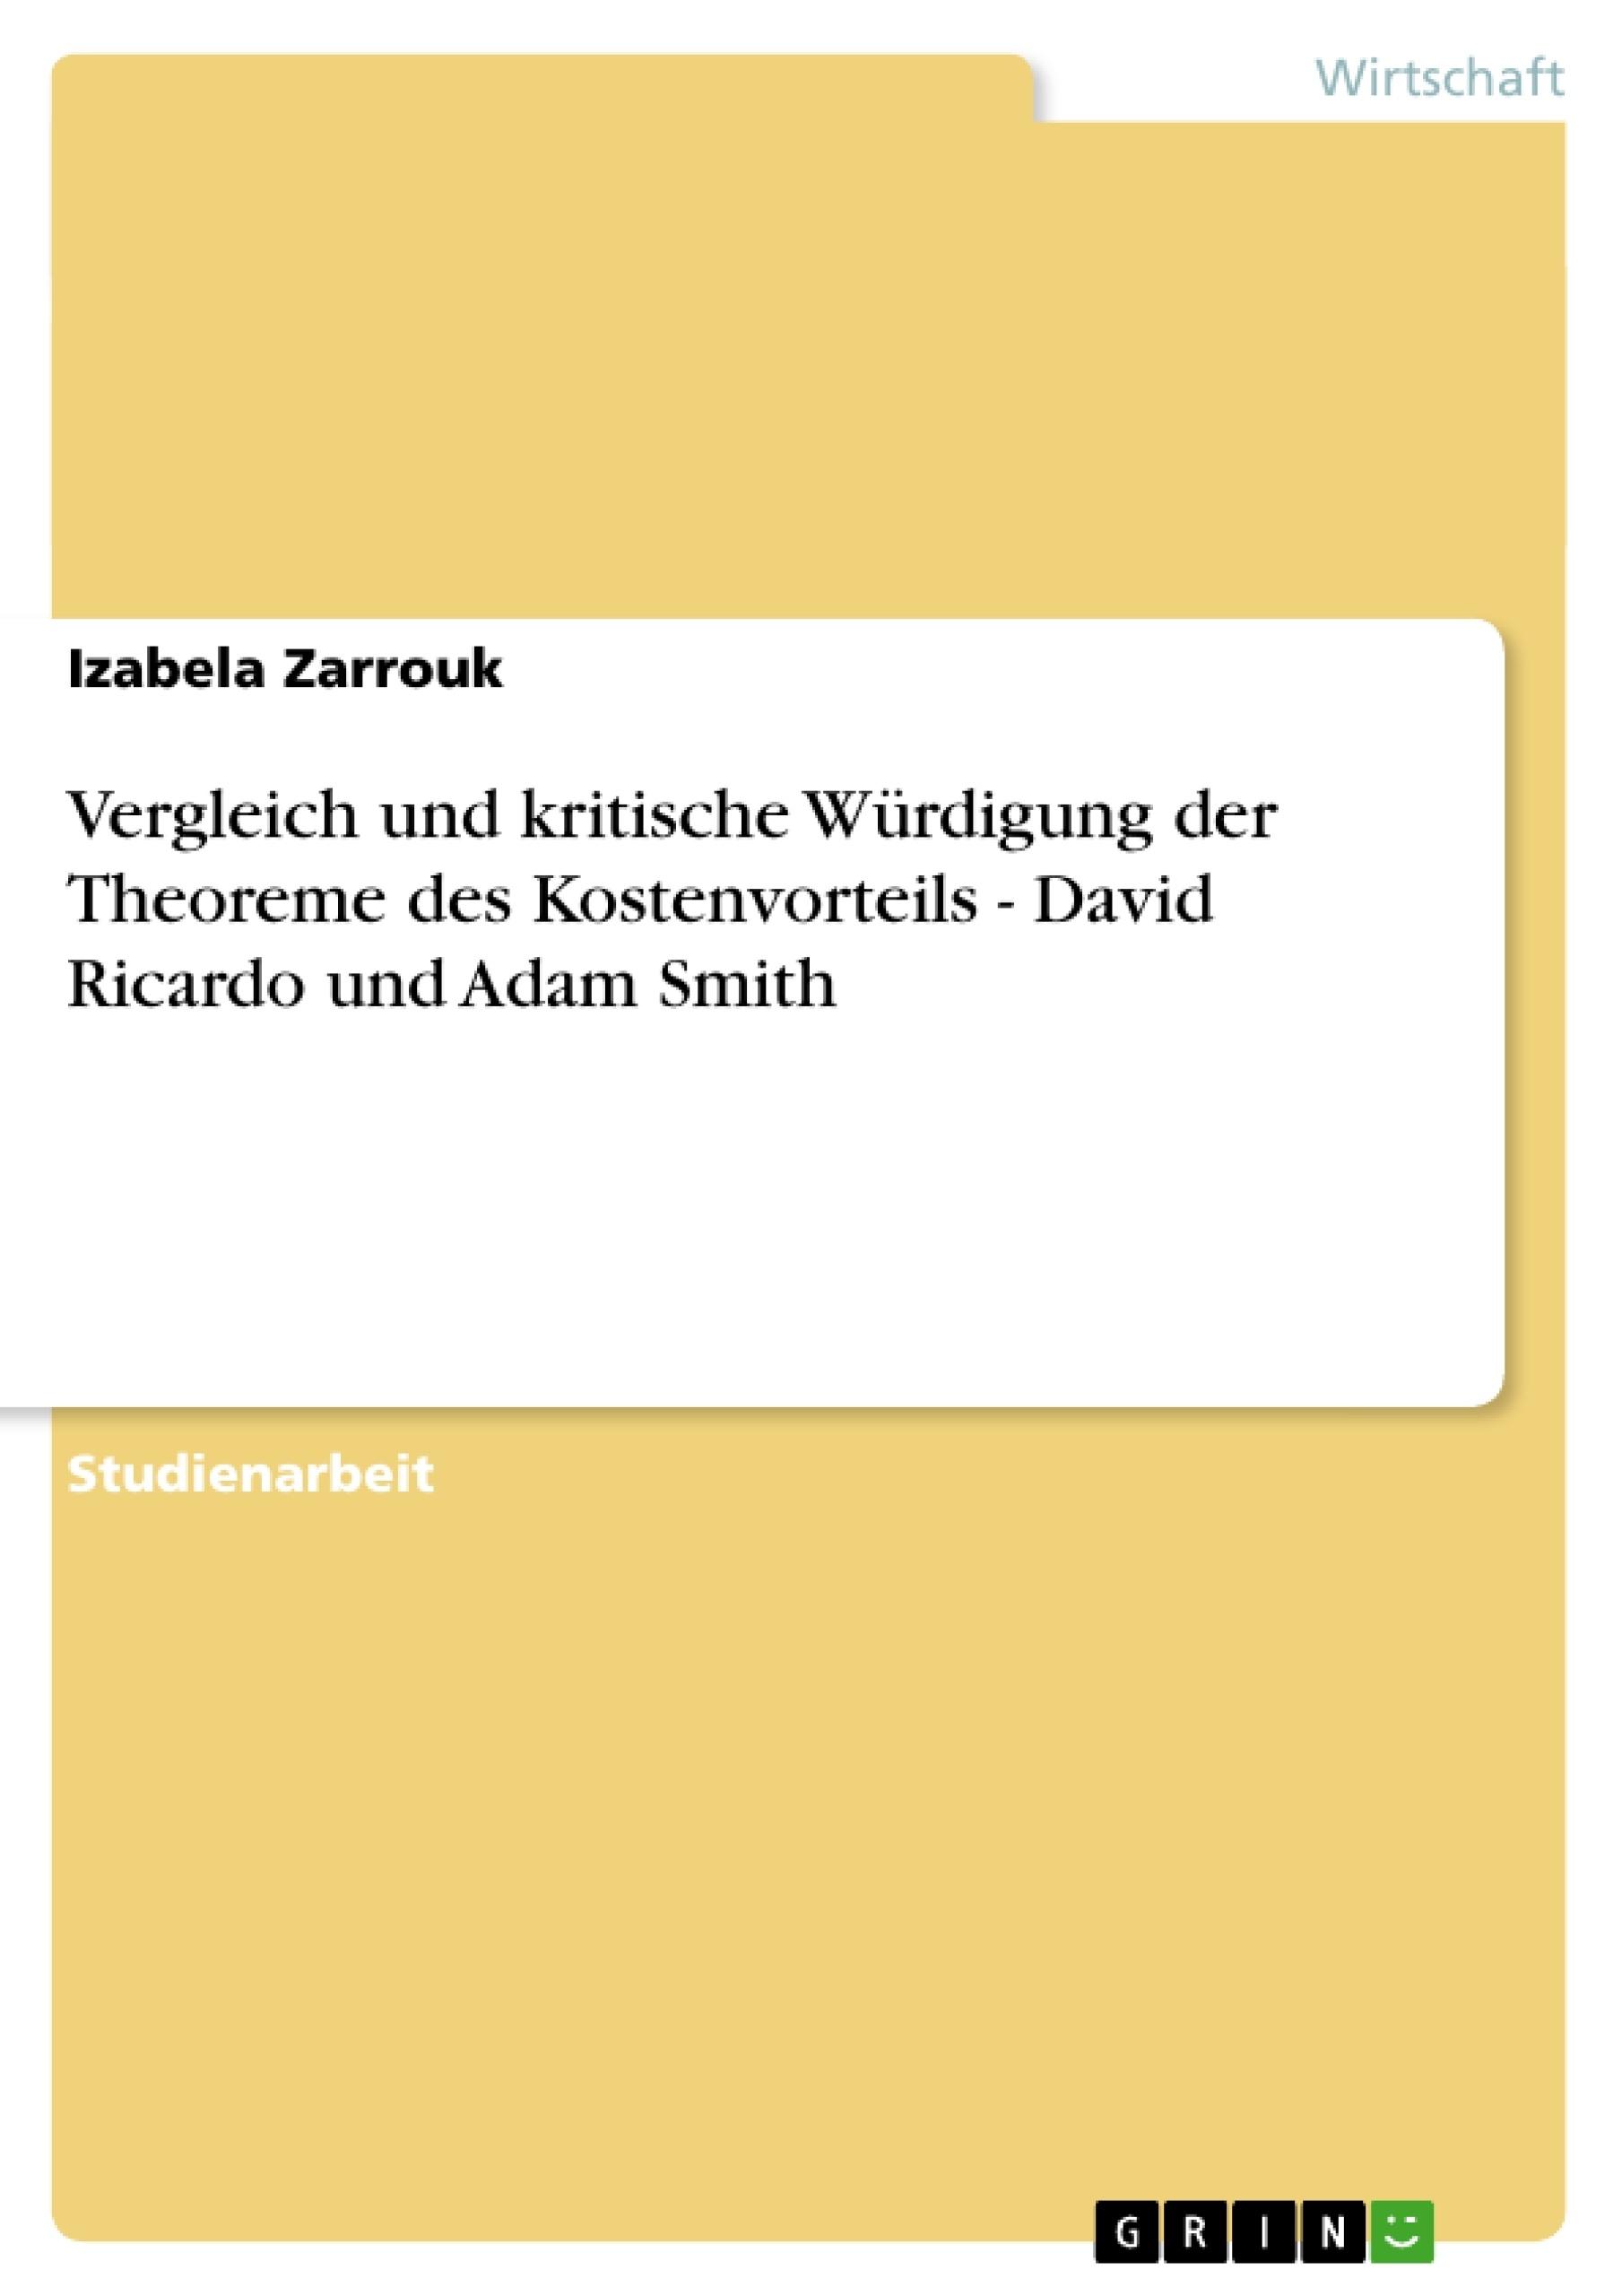 Titel: Vergleich und kritische Würdigung der Theoreme des Kostenvorteils - David Ricardo und Adam Smith